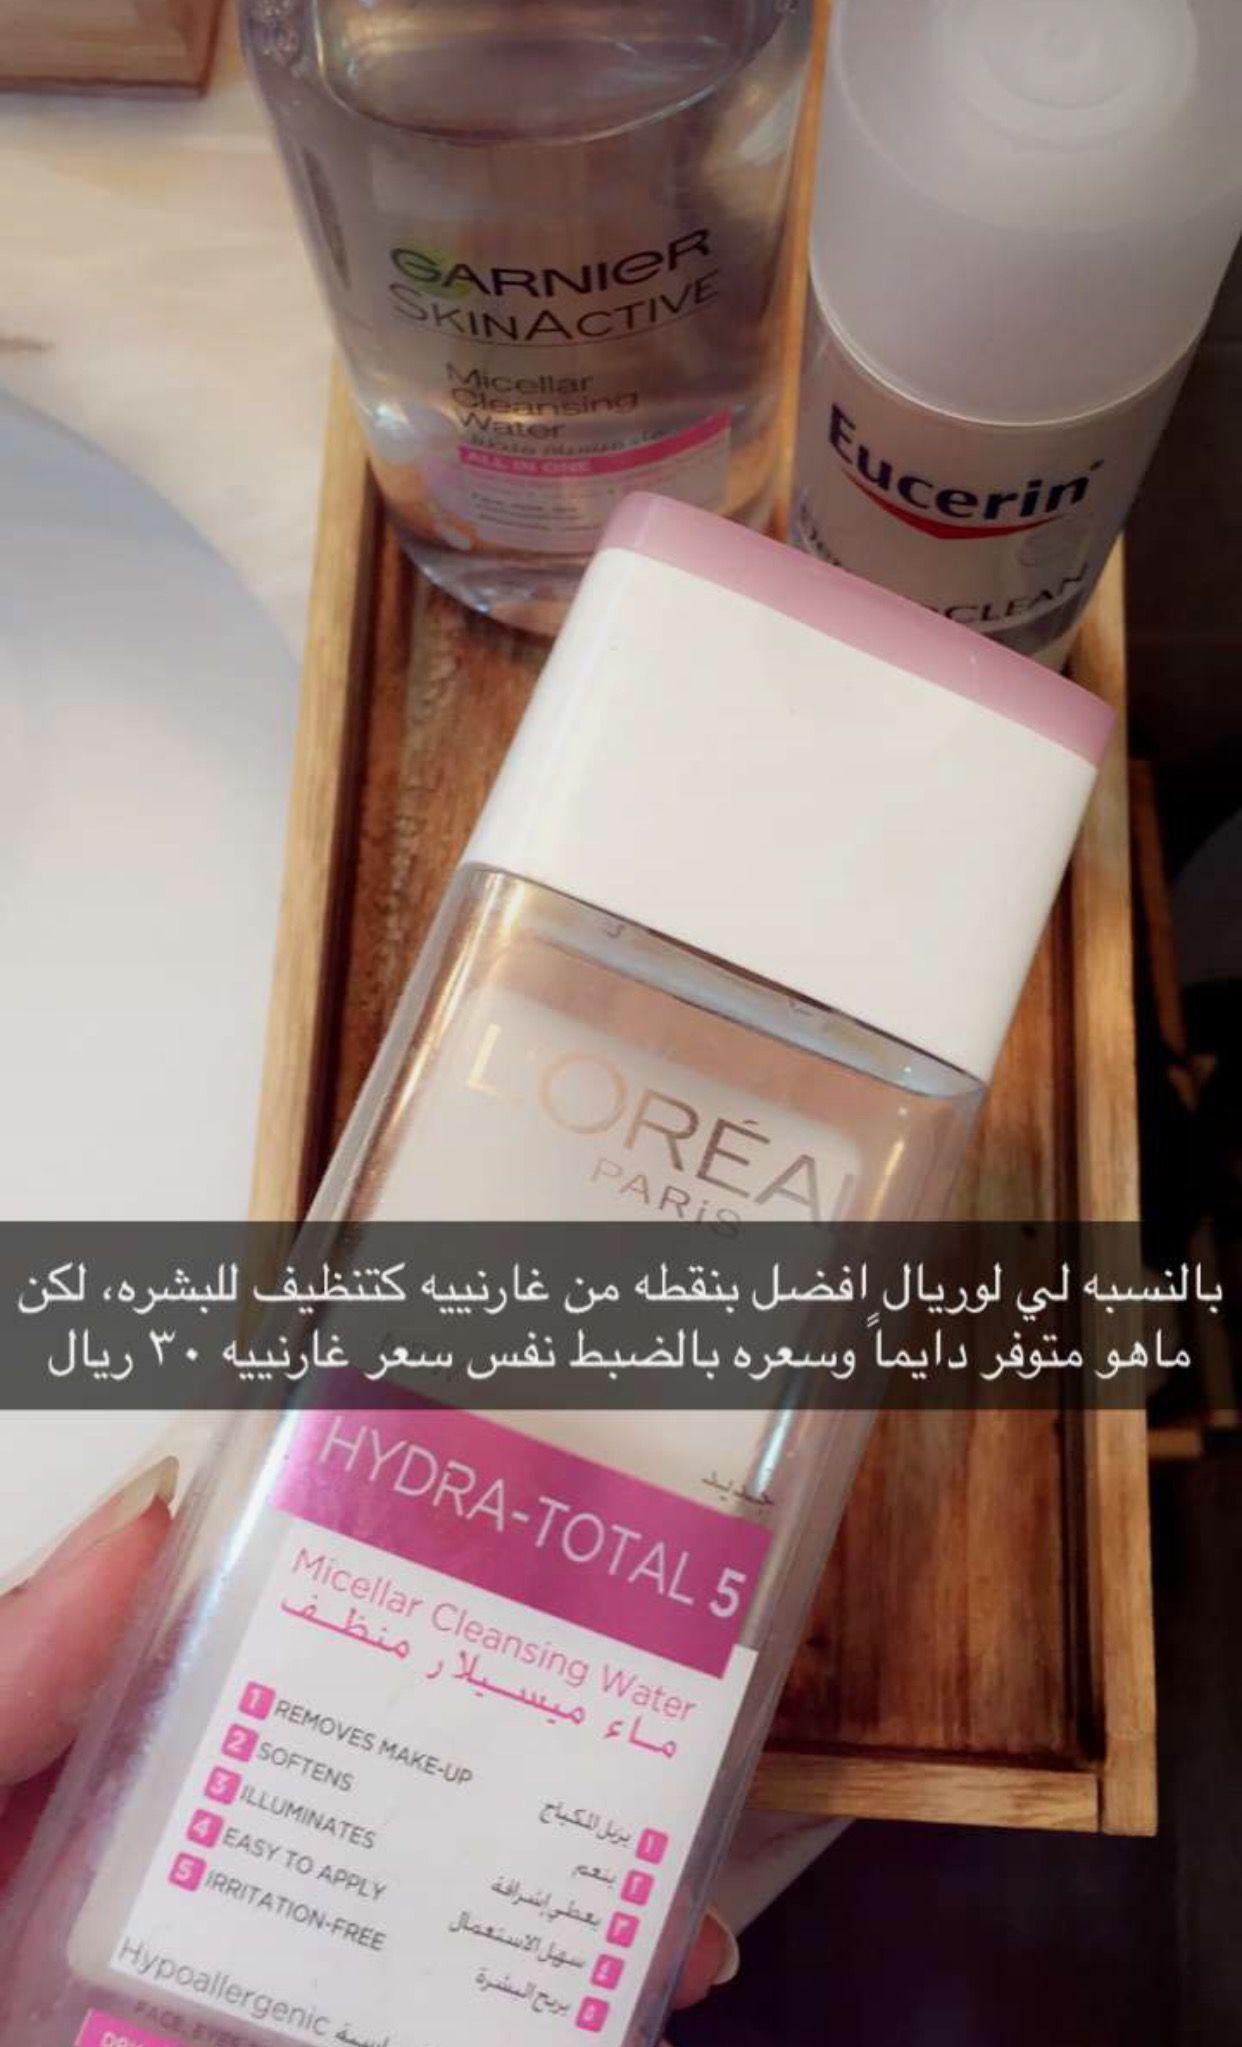 مزيل مكياج من لوريال Skin Care Mask Micellar Cleansing Beauty Skin